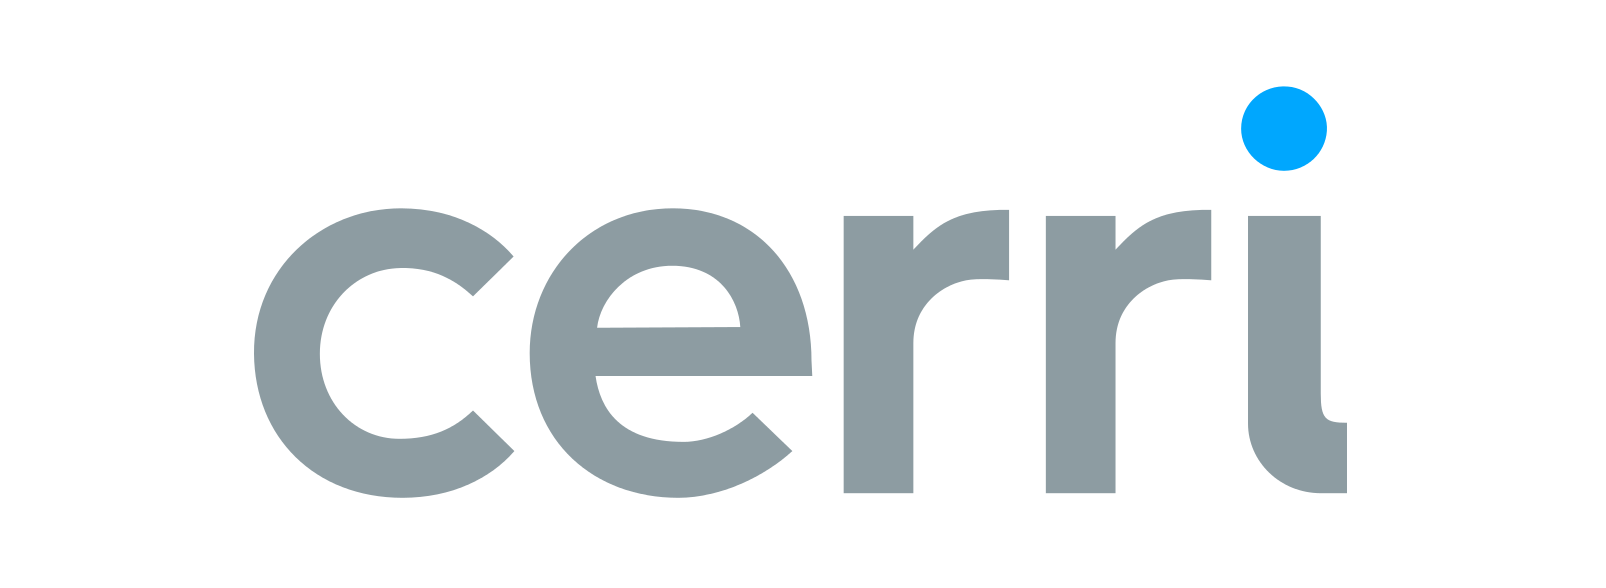 Cerri Genius Project